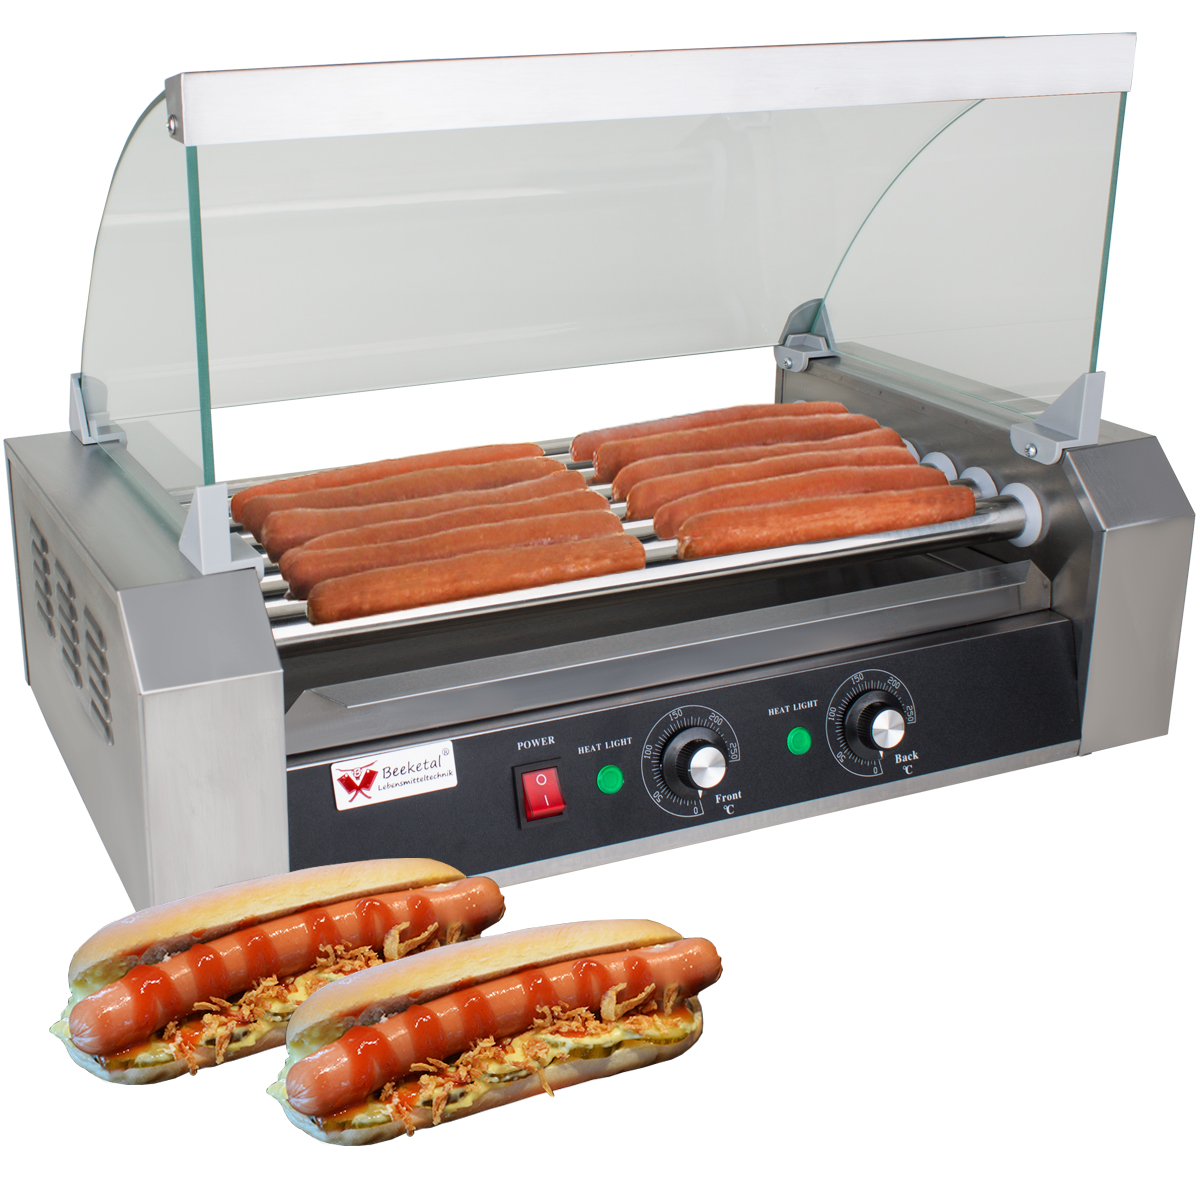 Beeketal HOT DOG Maker Profi Edelstahl Wurstkocher Würstchenwärmer Gastro-imbiss